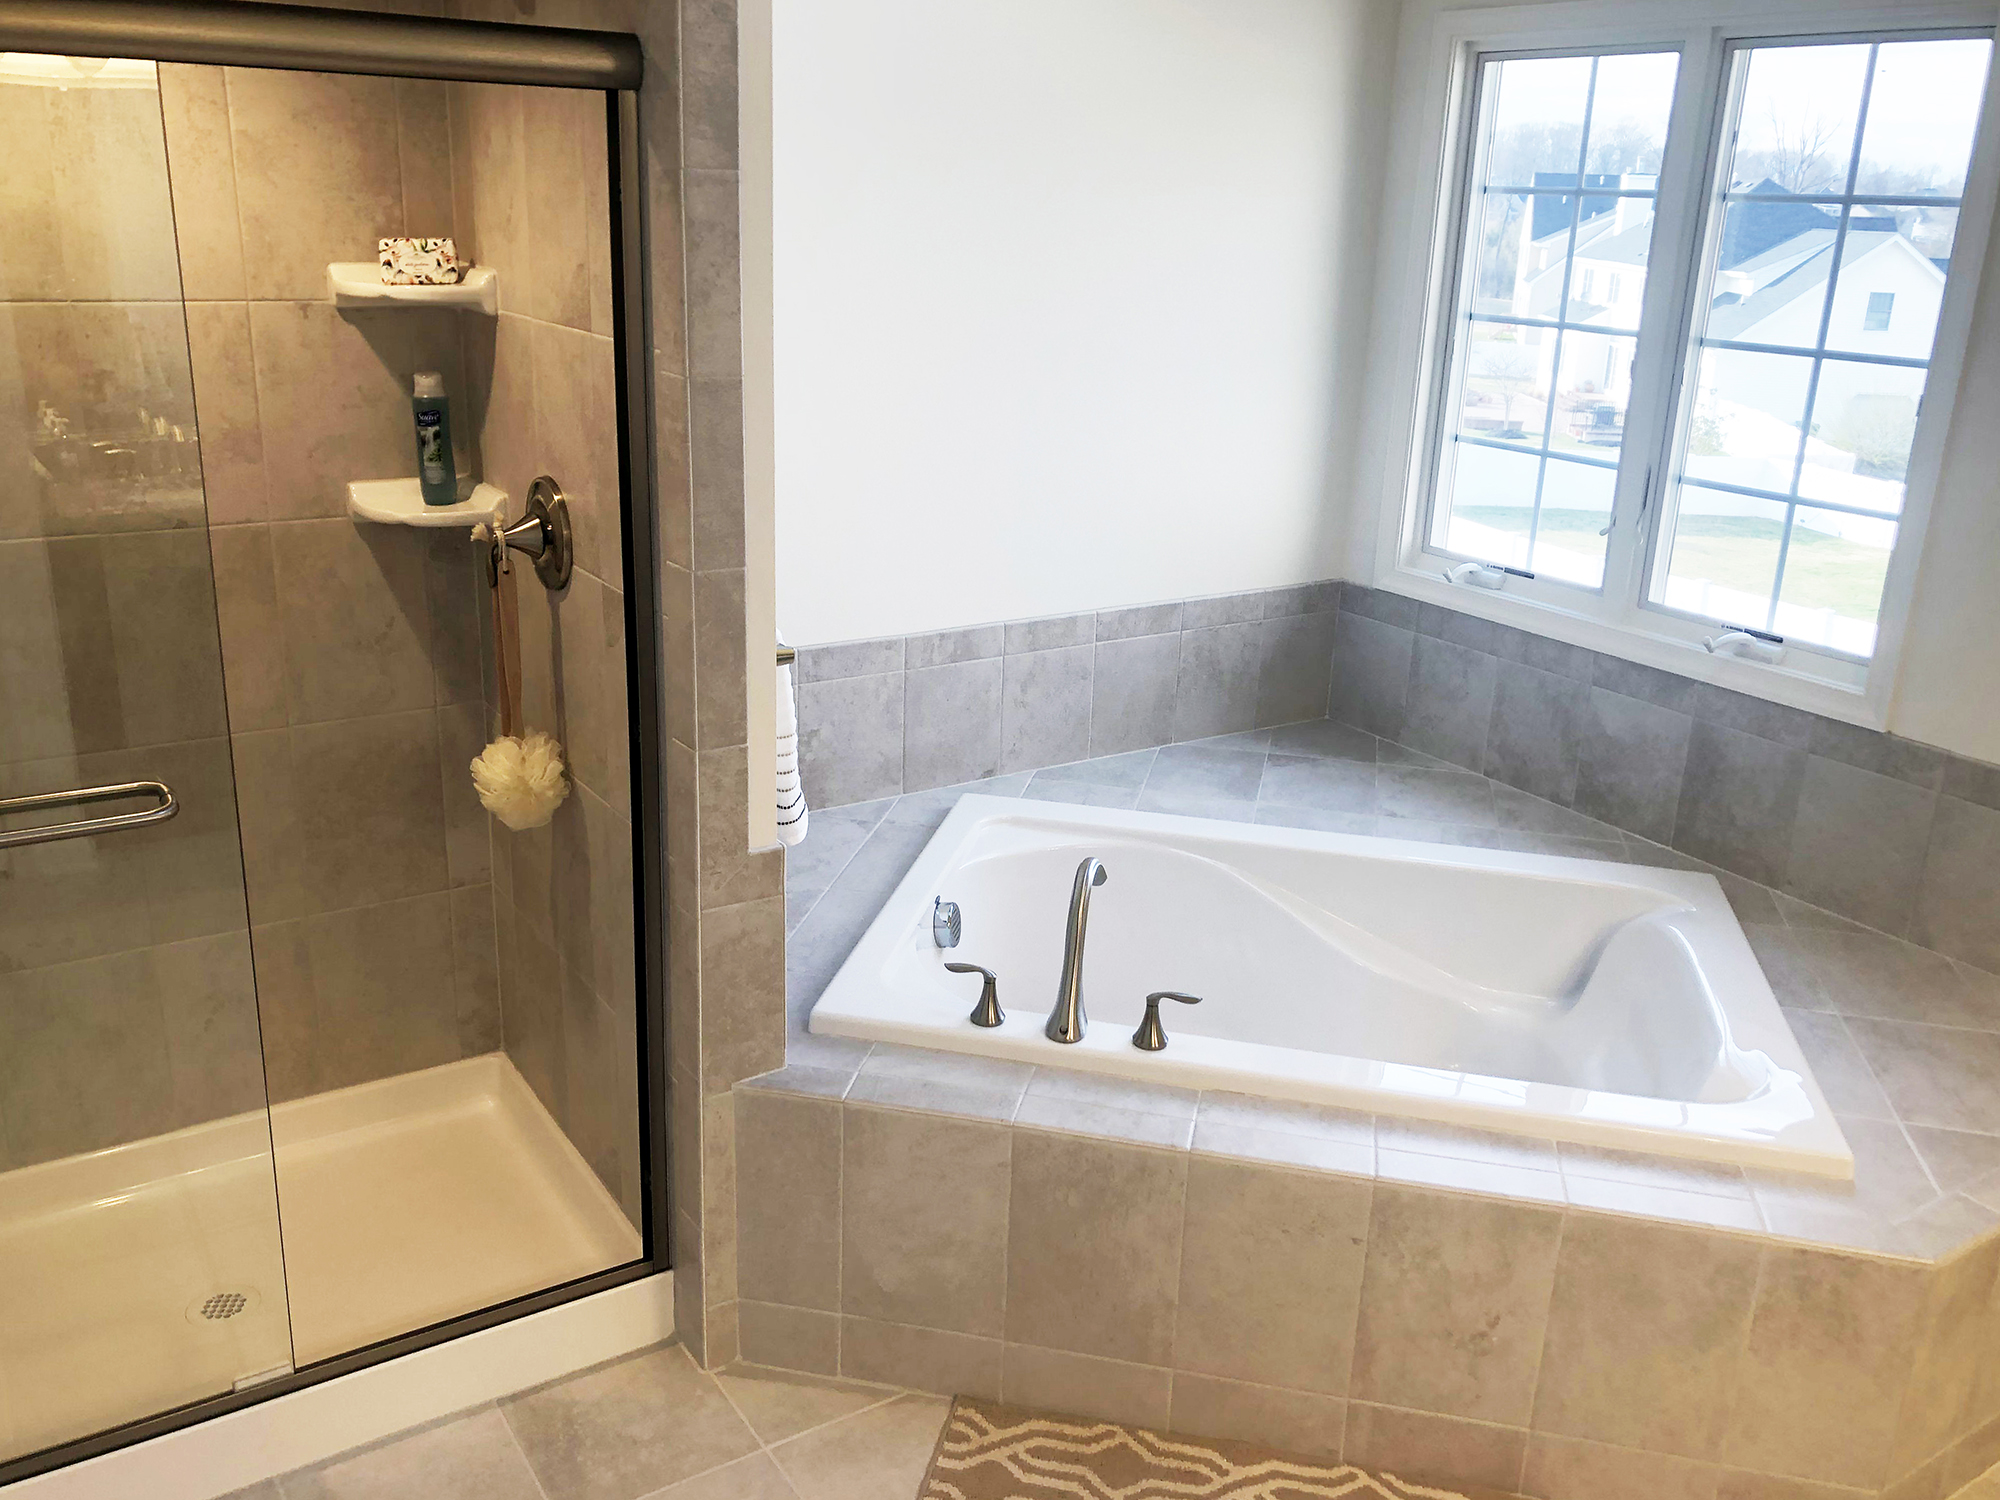 Master Bedroom Tub & Shower